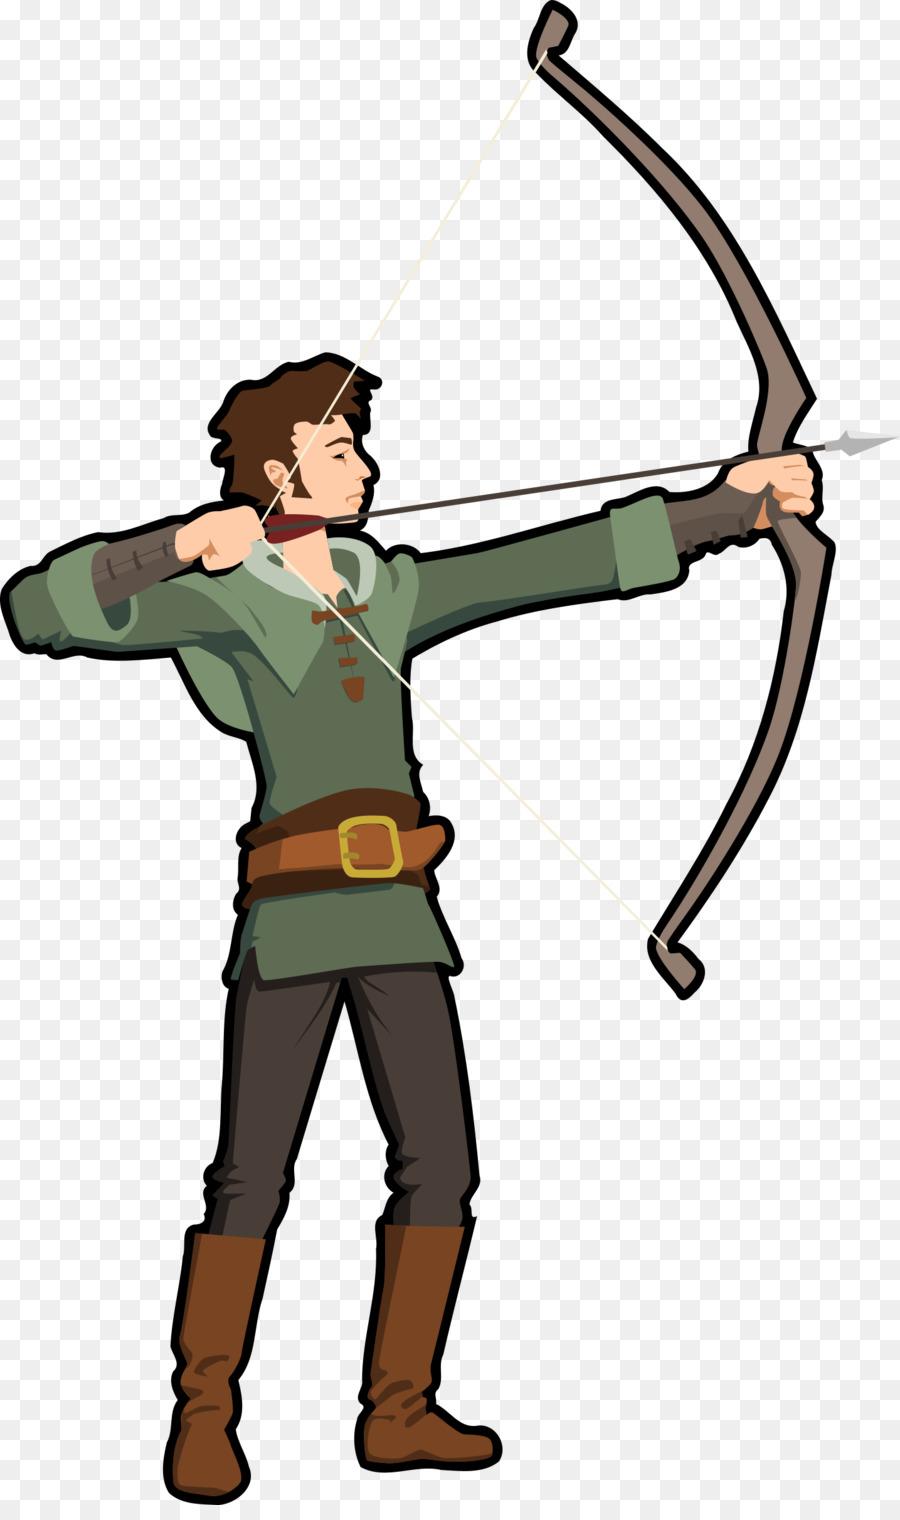 Archery clipart cartoon. Bow and arrow illustration